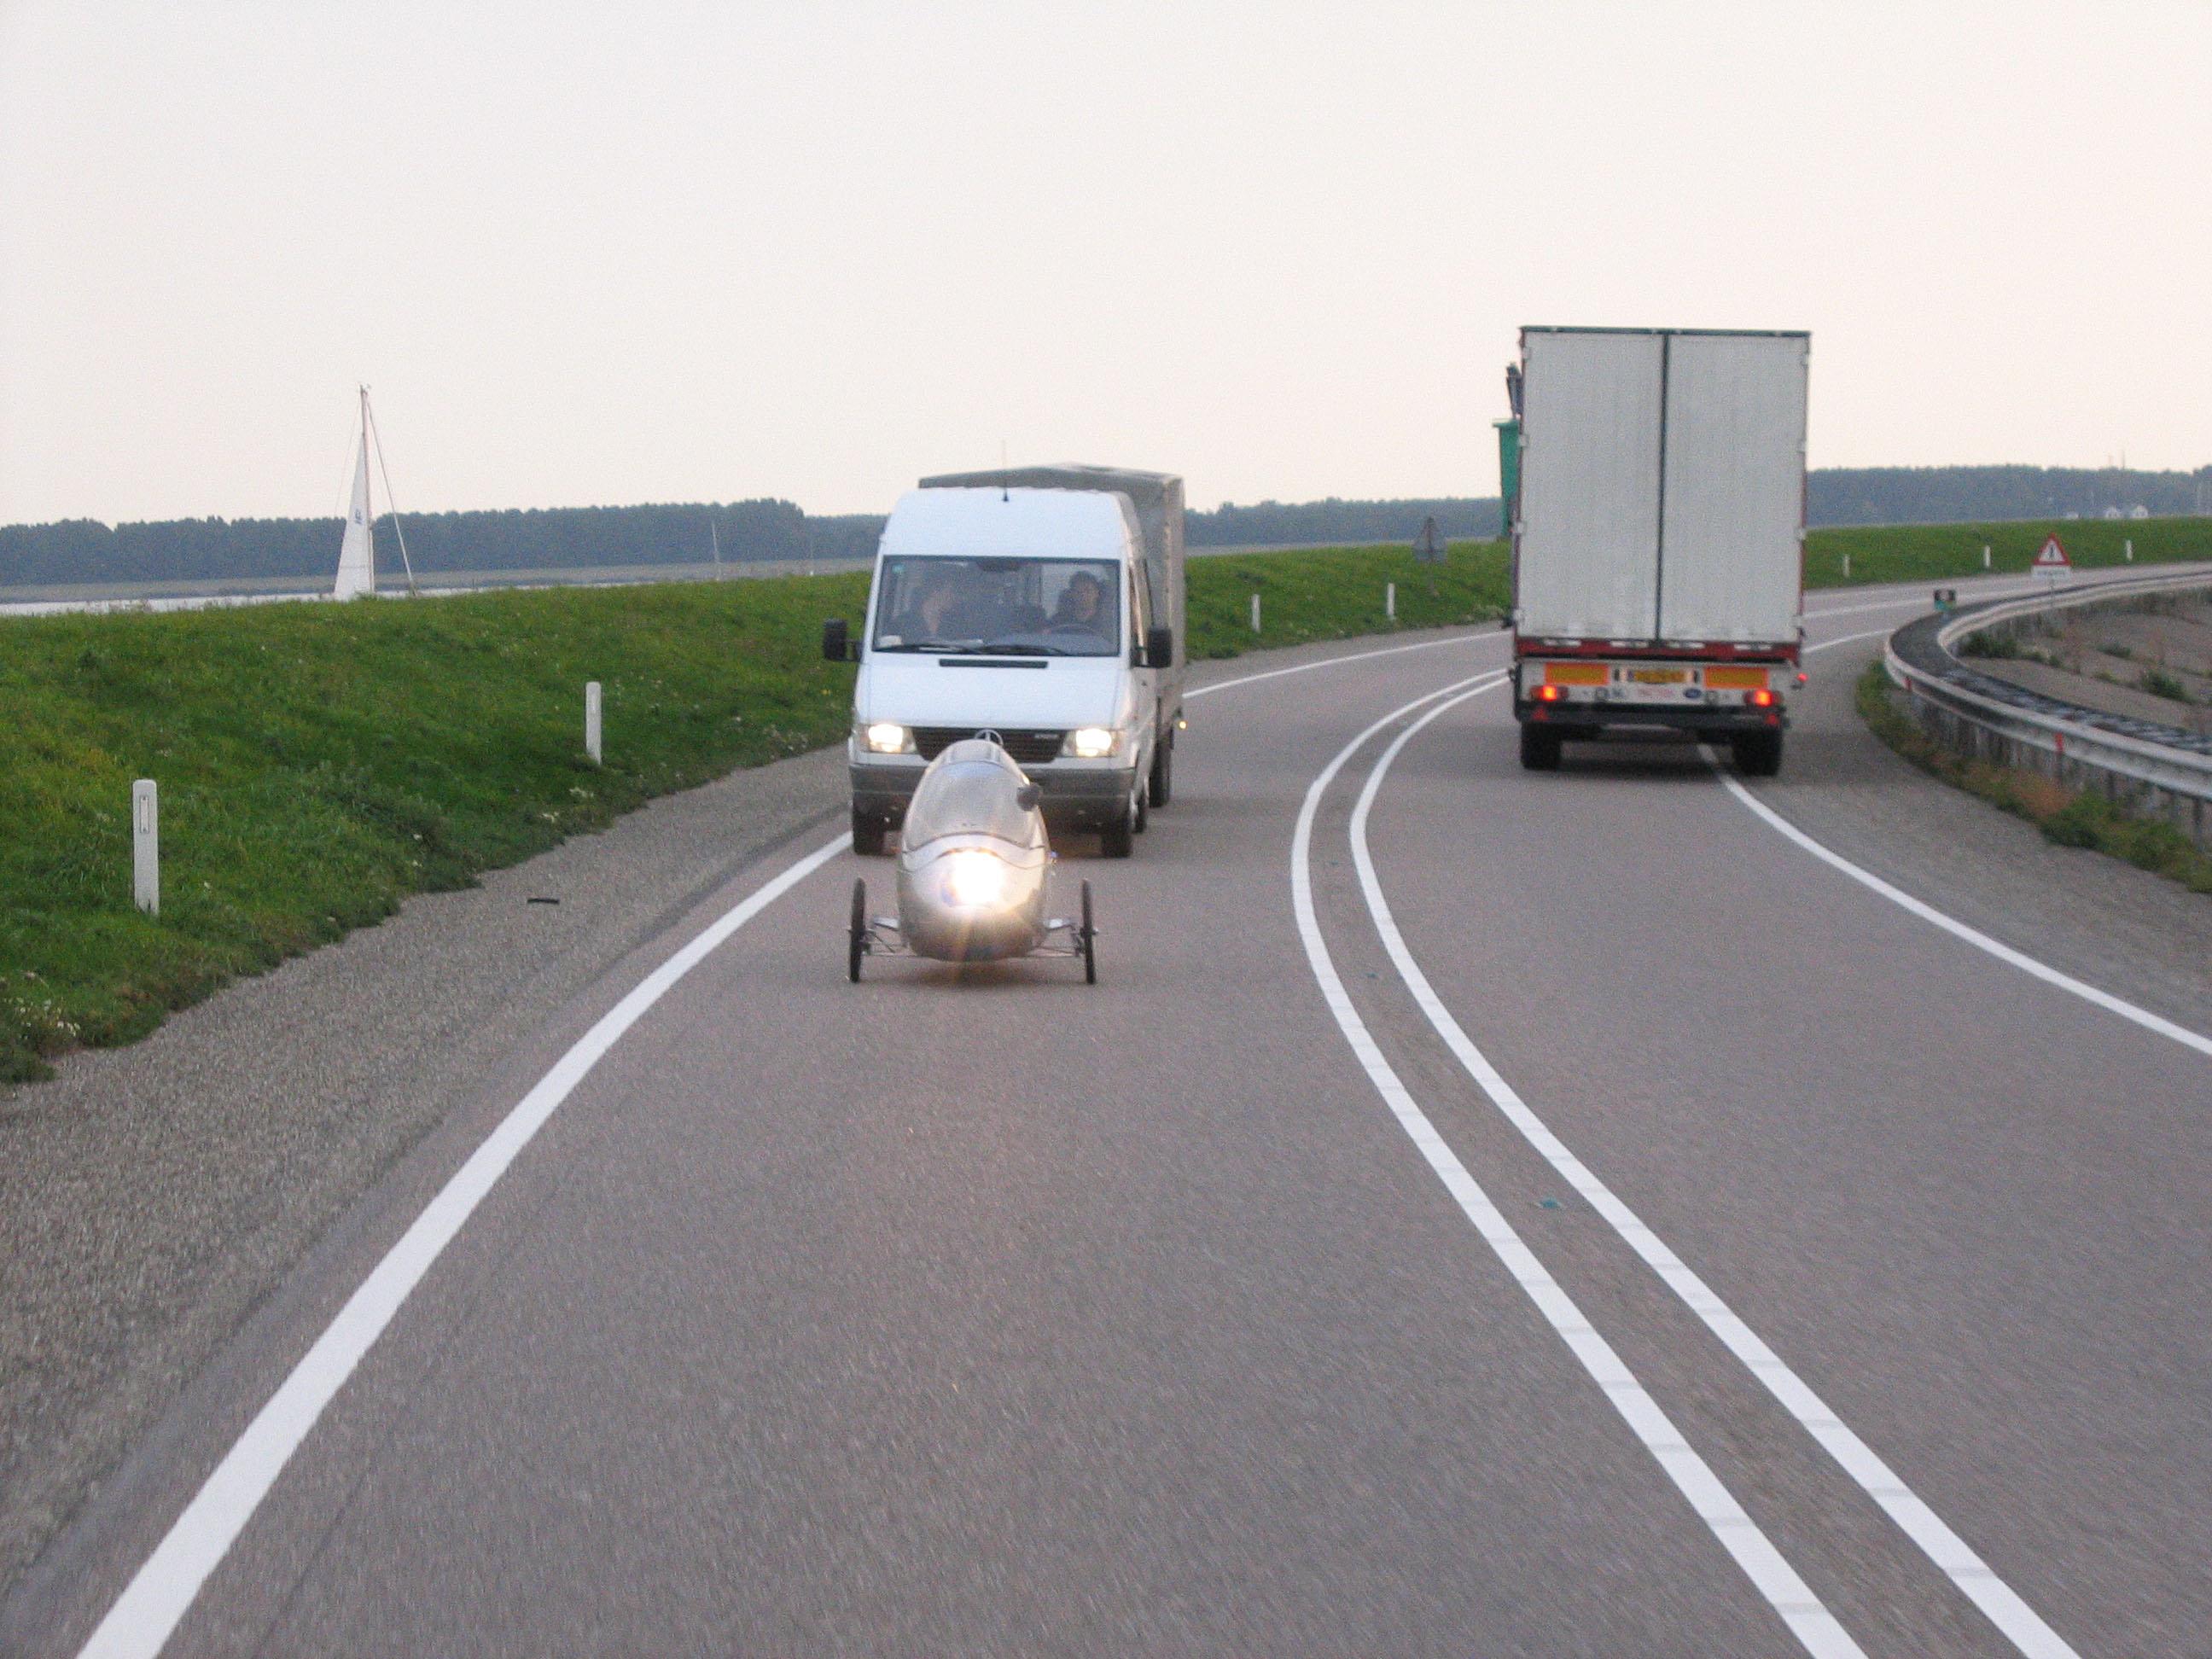 为SUSTAMO氢能源电动自行车提供氢能源是通过交换氢气罐实现的。车上的两个氢气罐可以分开使用,以保证车上氢气的充足和充分利用。 SUSTAMO氢能源电动自行车的研发从2008年开始,第一辆功能模型于2009年完成。